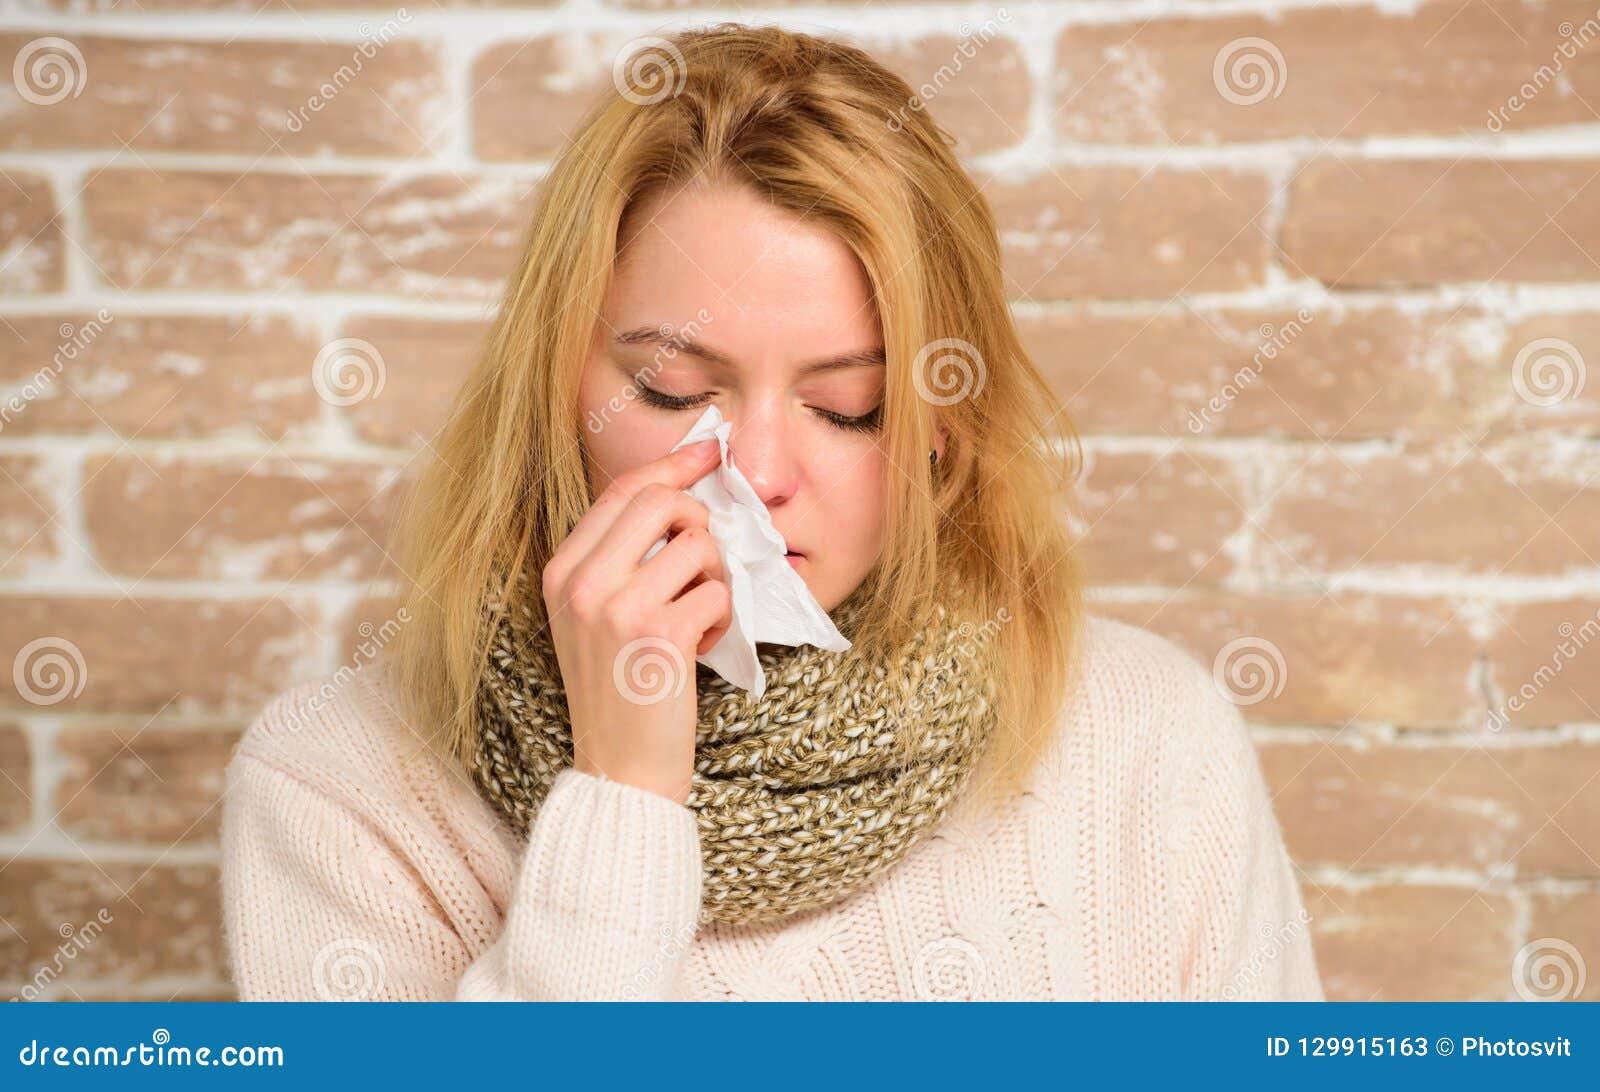 bli av med förkylning snabbare